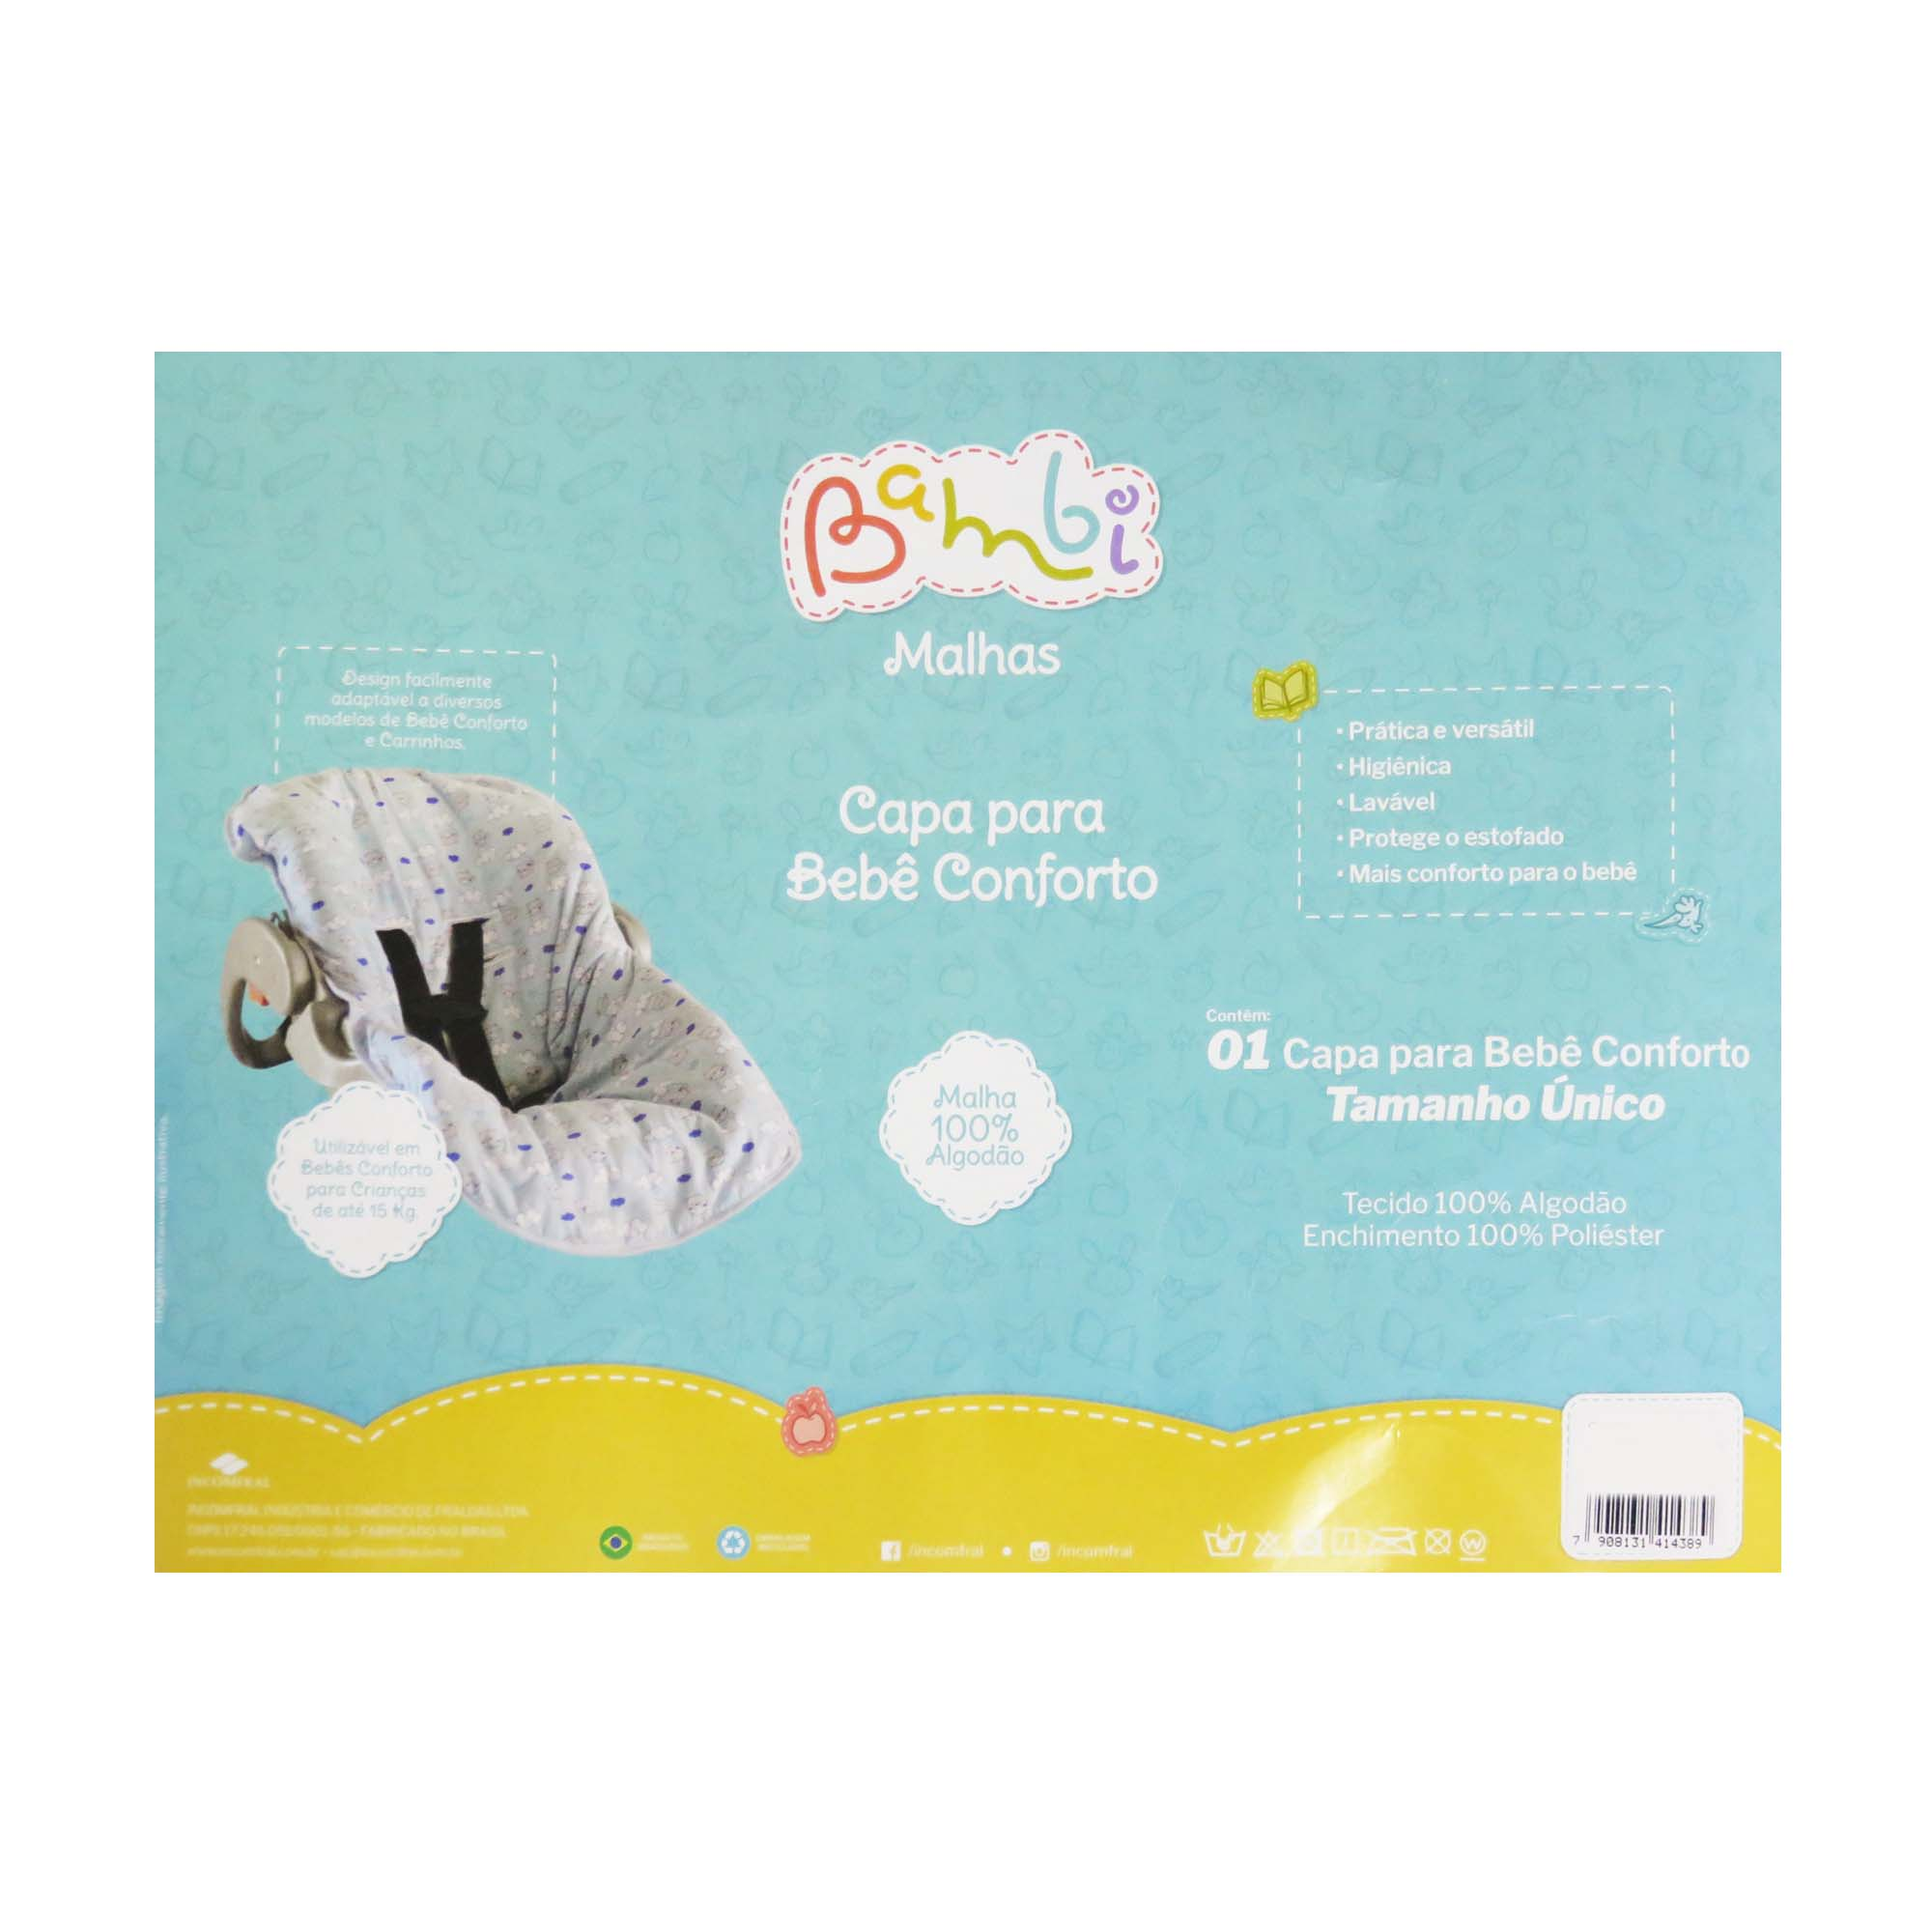 Capa para Bebê Conforto Incomfral Bambi Malhas - Carrinhos